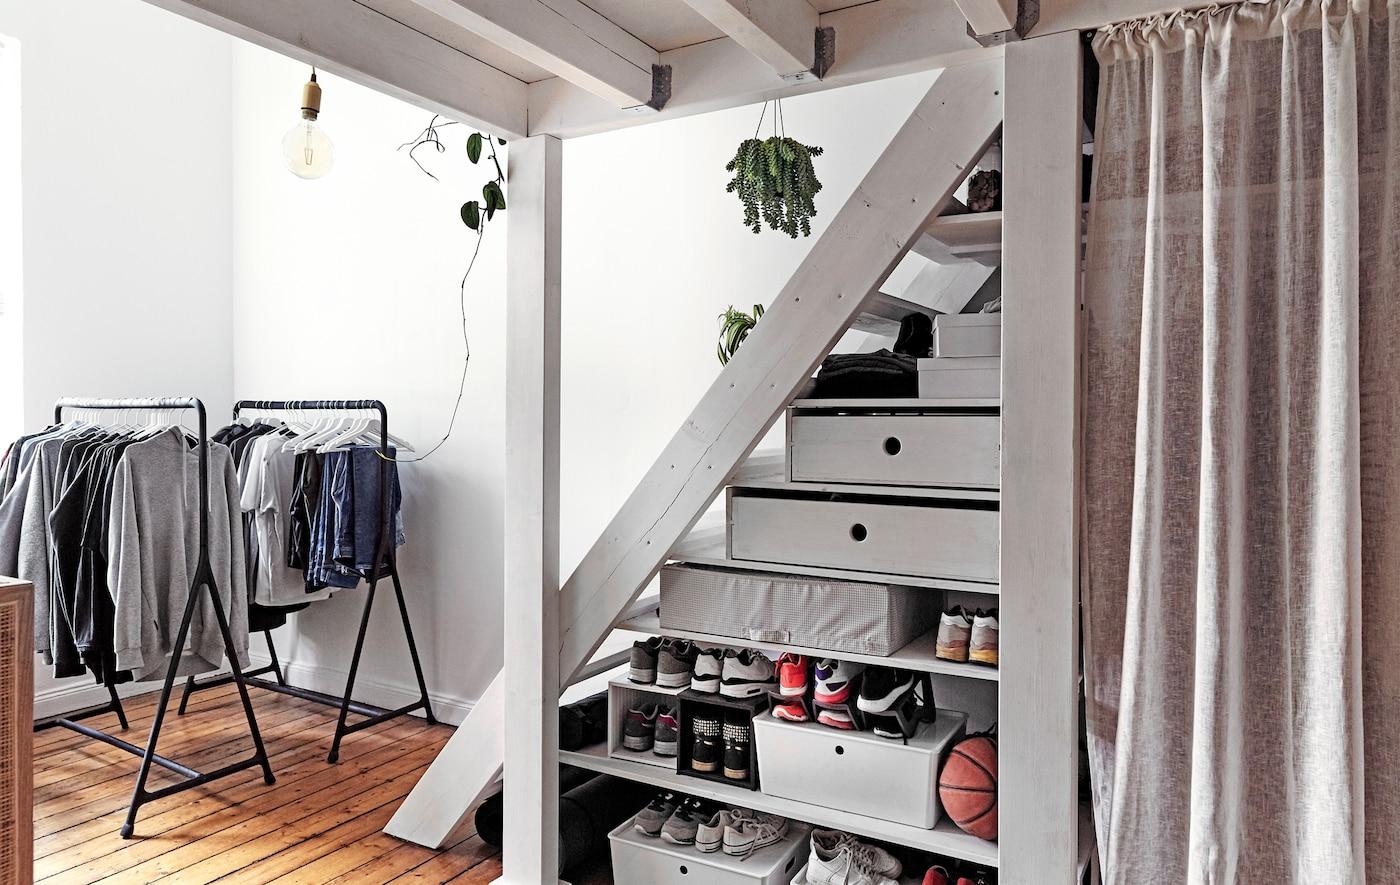 Espace de rangement dans un coin difficile - IKEA